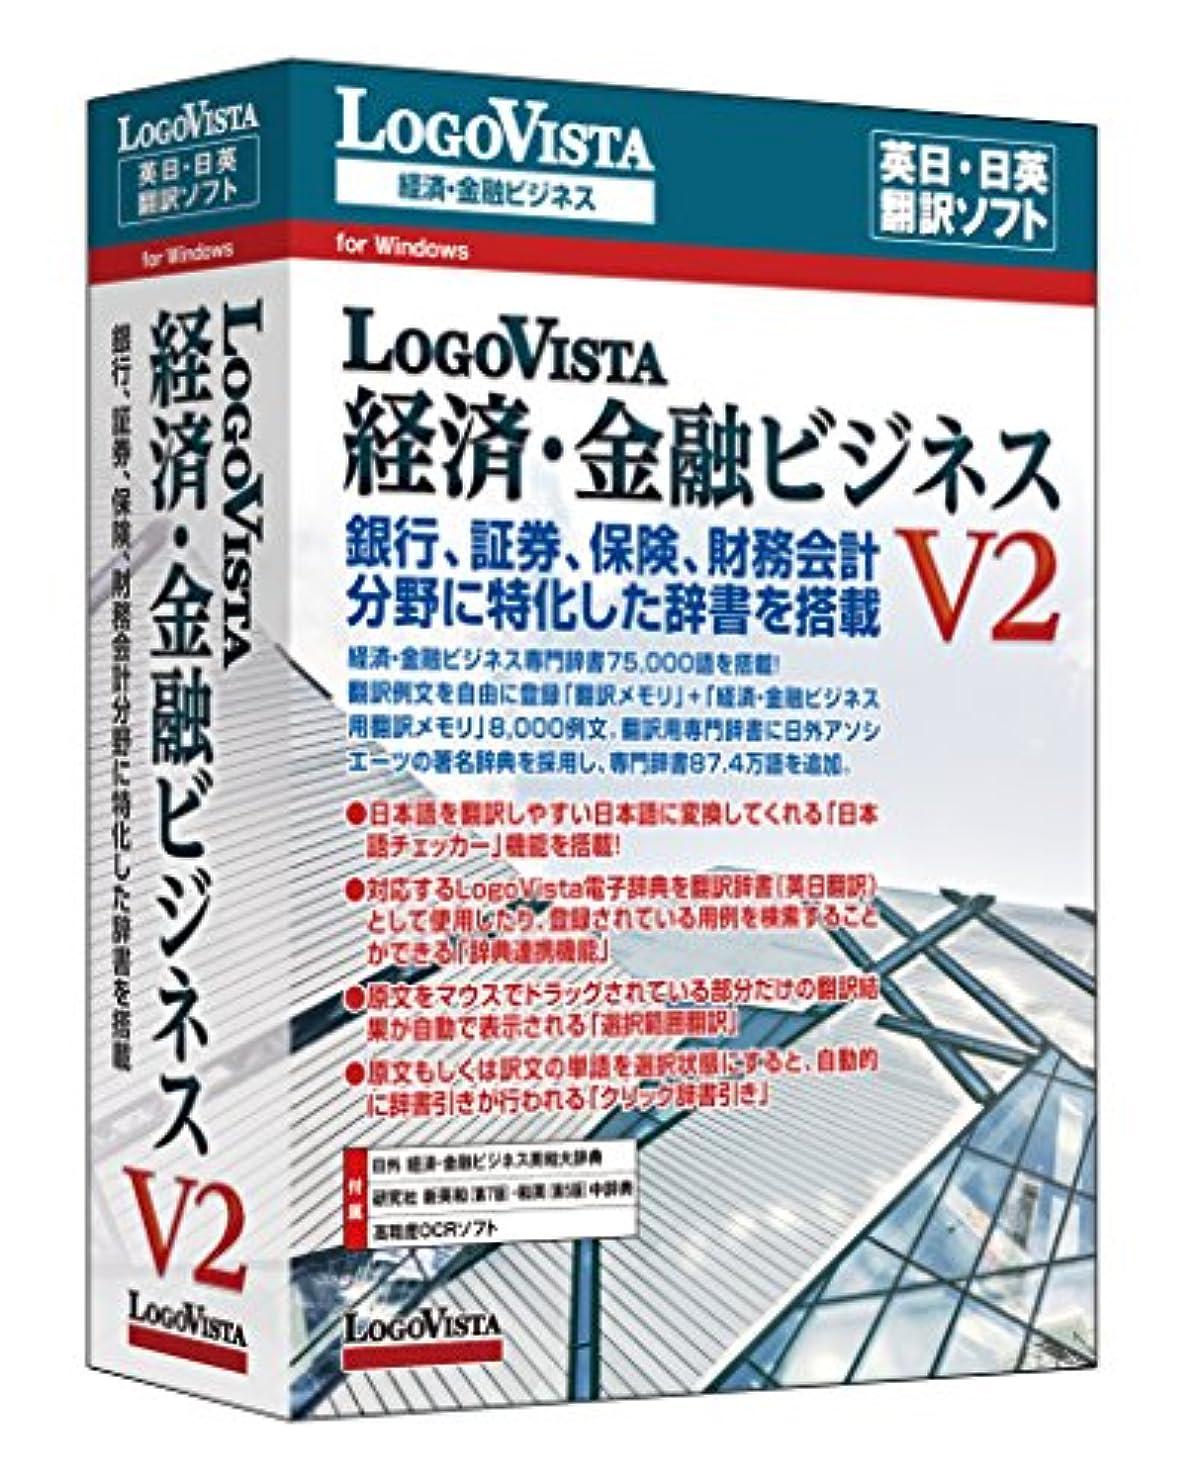 楽観ライオネルグリーンストリート図LogoVista 経済?金融ビジネス V2